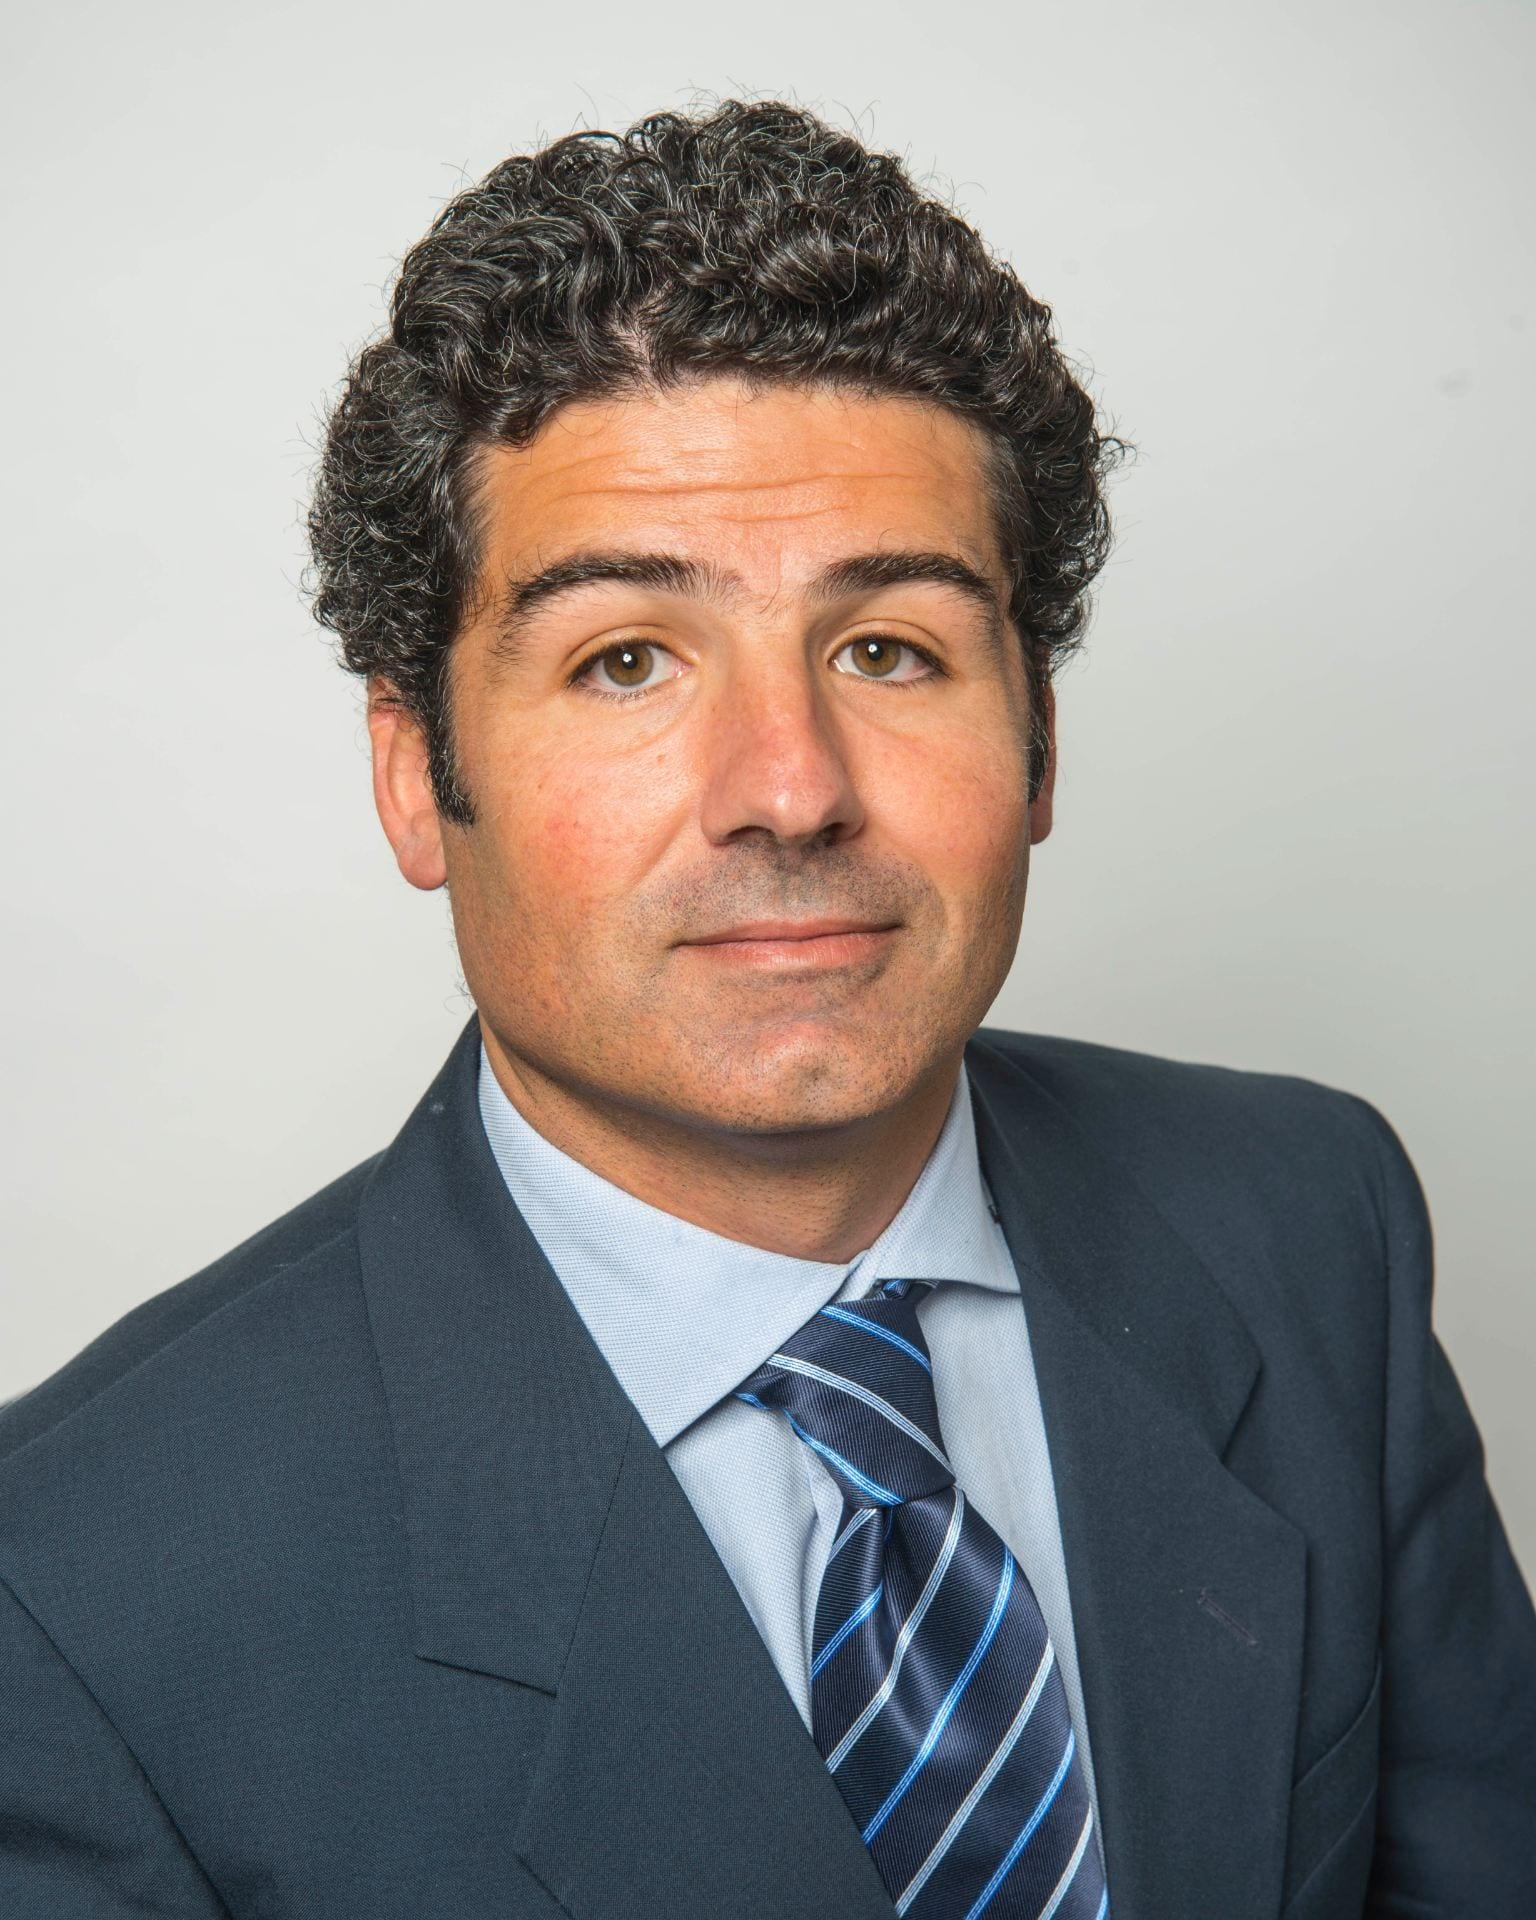 Andrea Masala